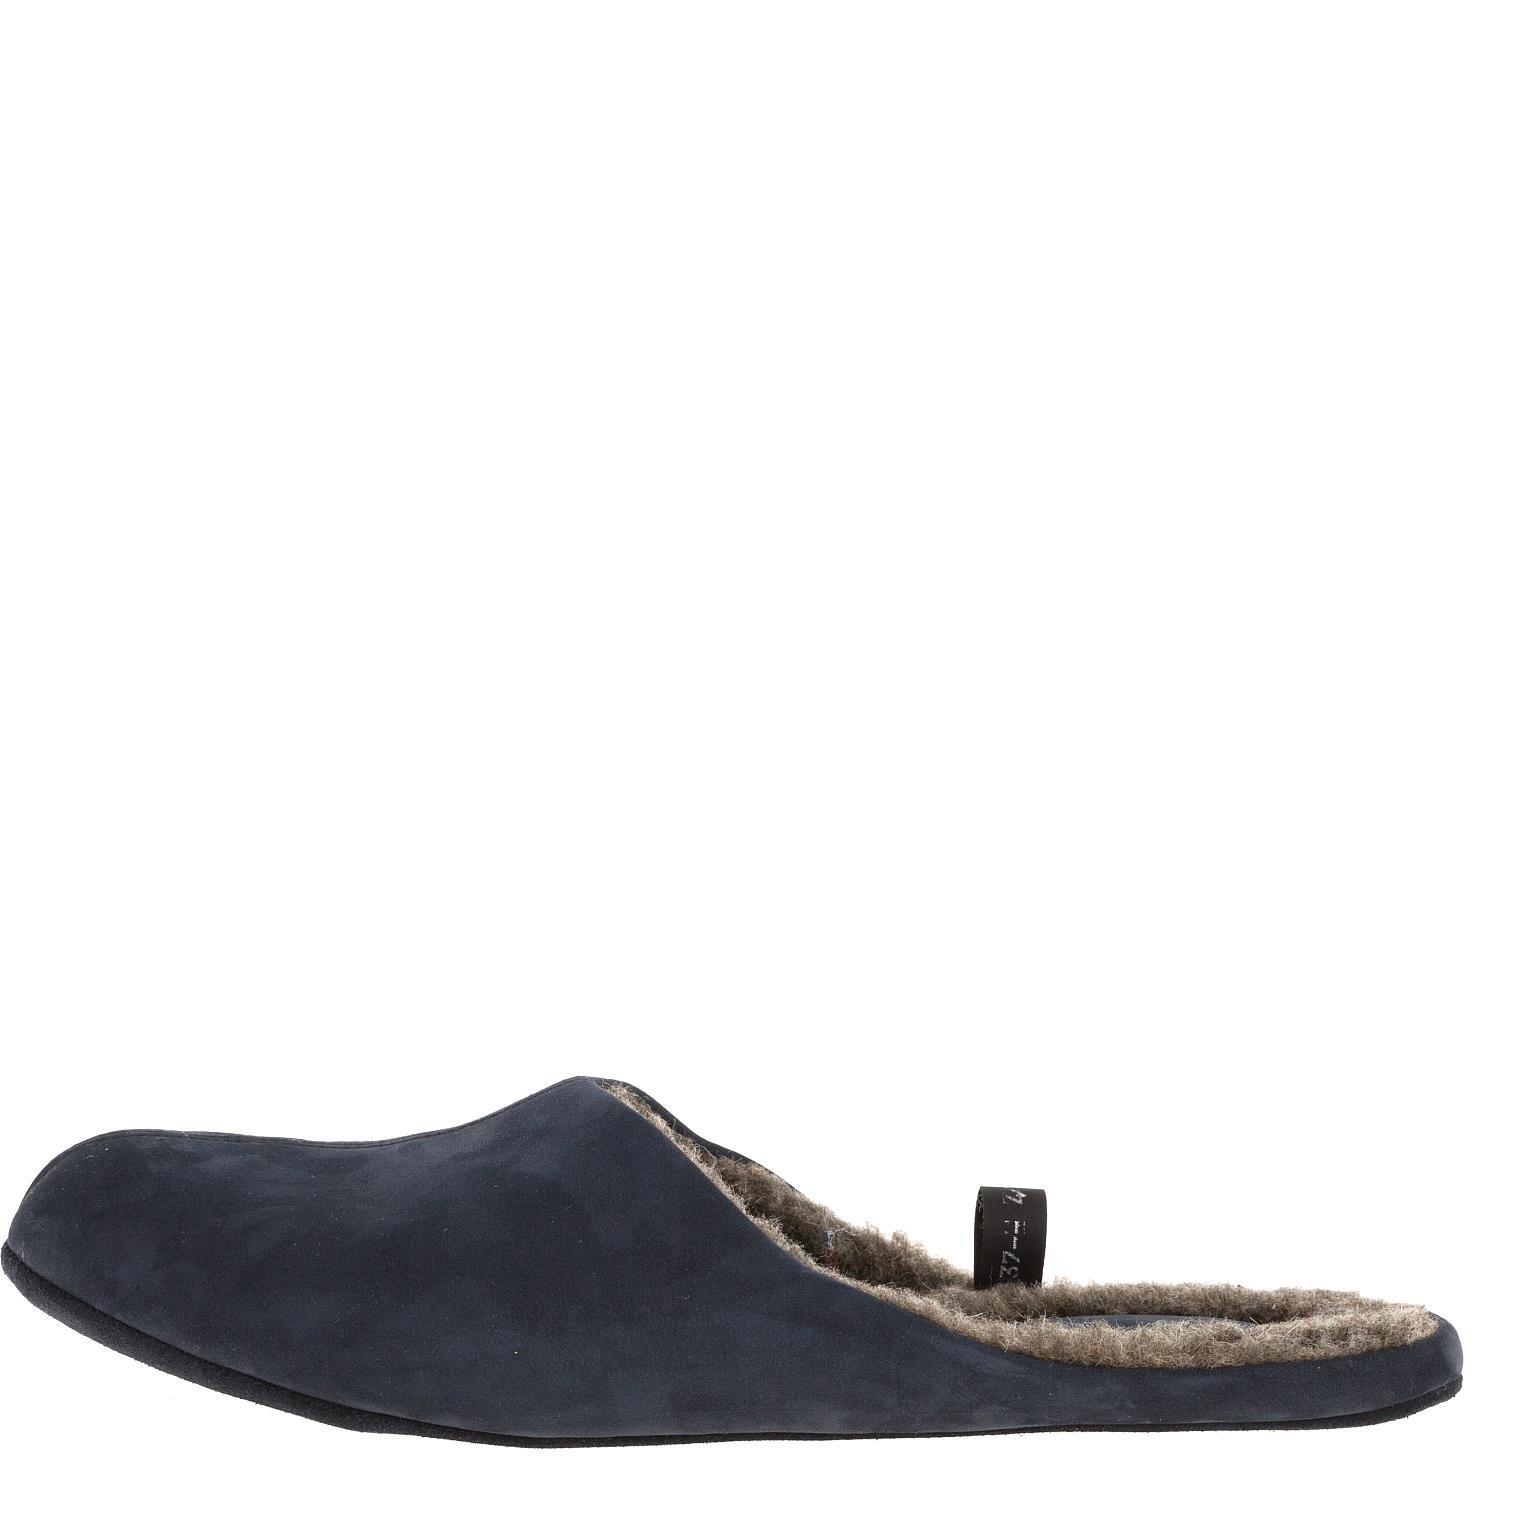 777137 туфли домашние мужские синие шерсть больших размеров марки Делфино